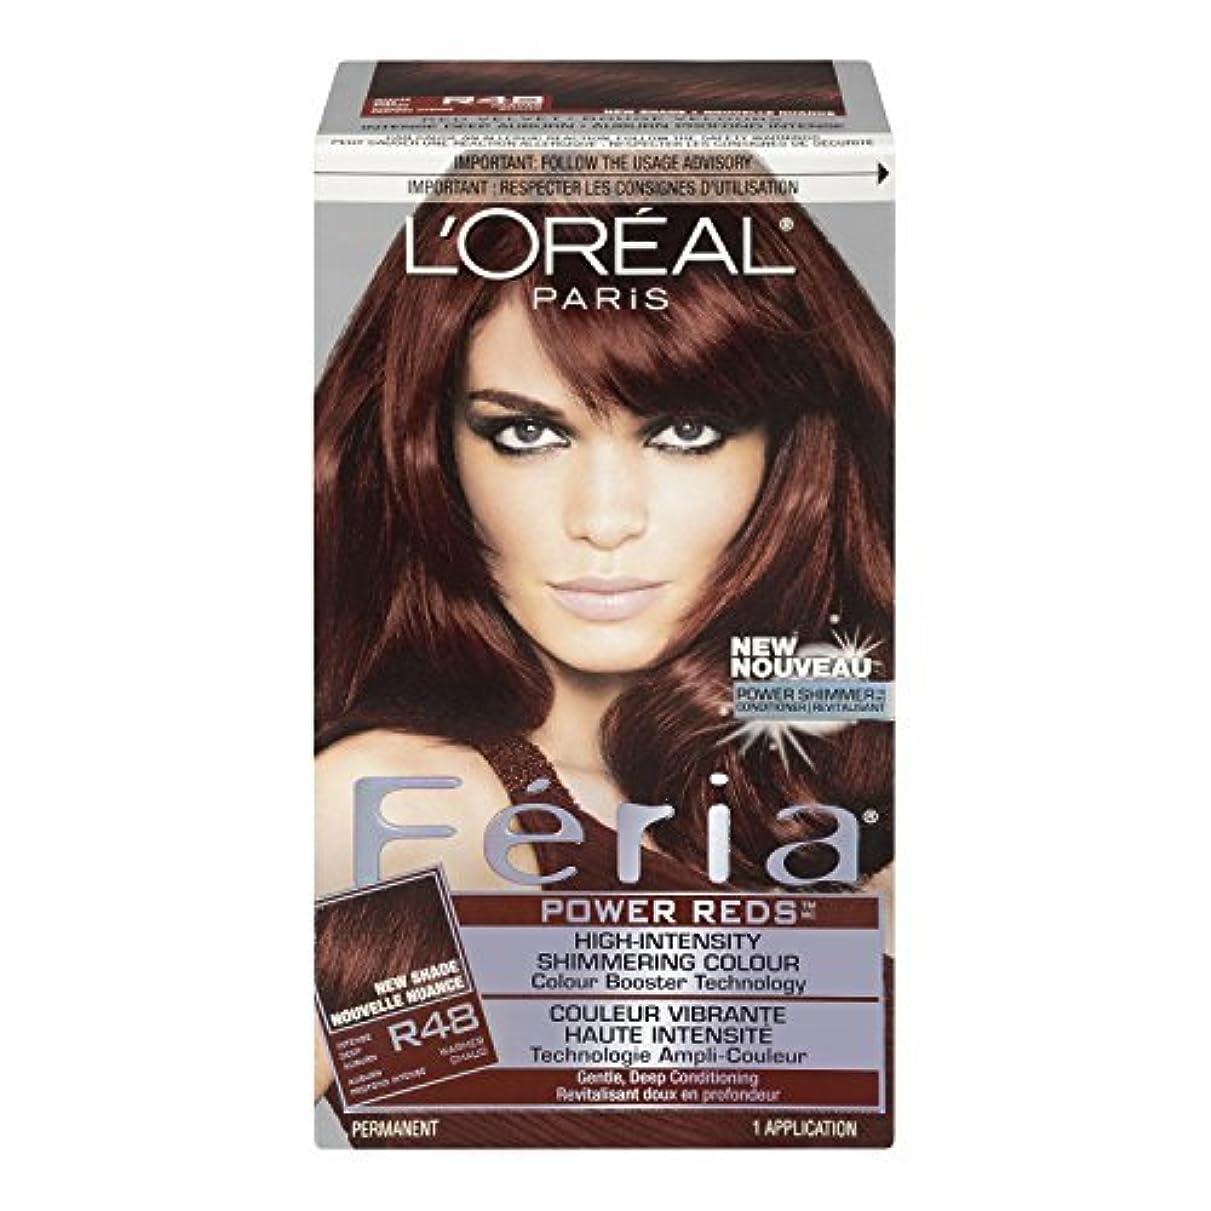 印をつけるほのめかすカメラL'Oreal Feria Power Reds Hair Color, R48 Intense Deep Auburn/Red Velvet by L'Oreal Paris Hair Color [並行輸入品]